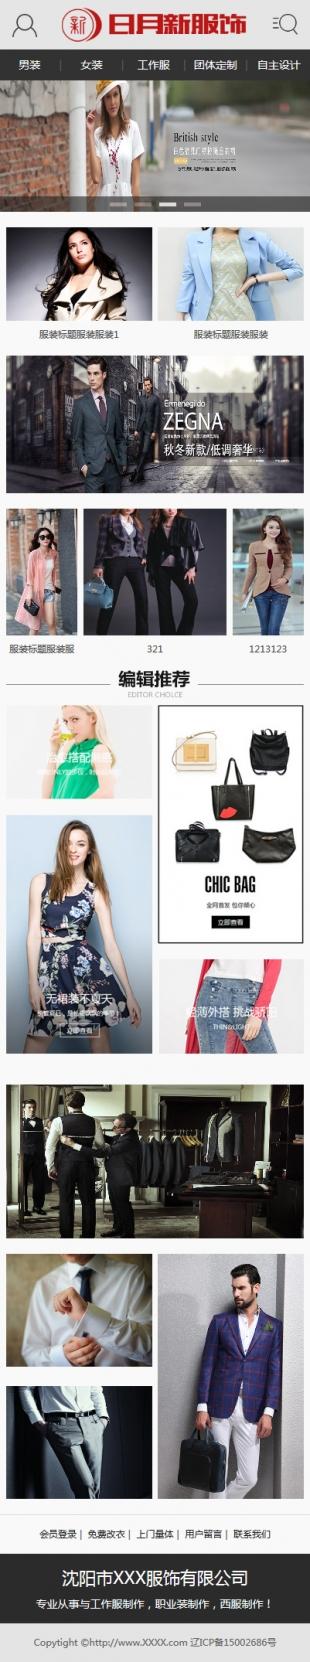 服装类自选样式尺寸网上商城手机图片